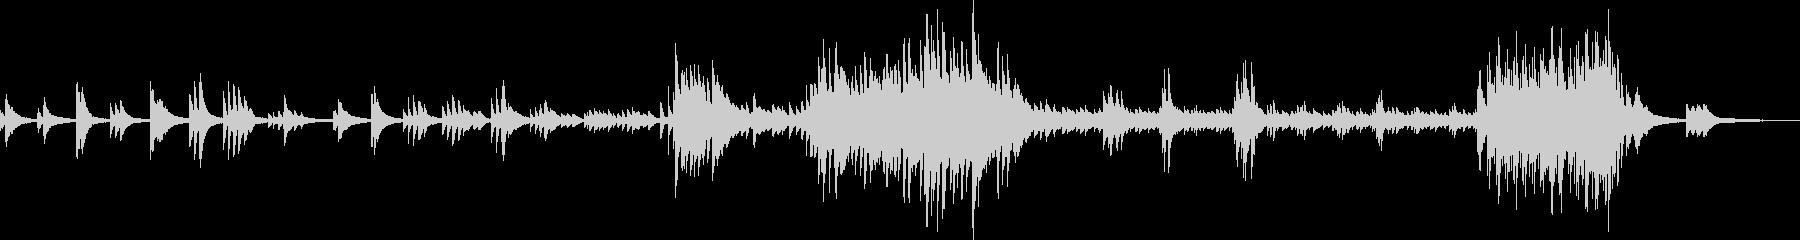 感動的で切ないピアノバラード(優しい)の未再生の波形